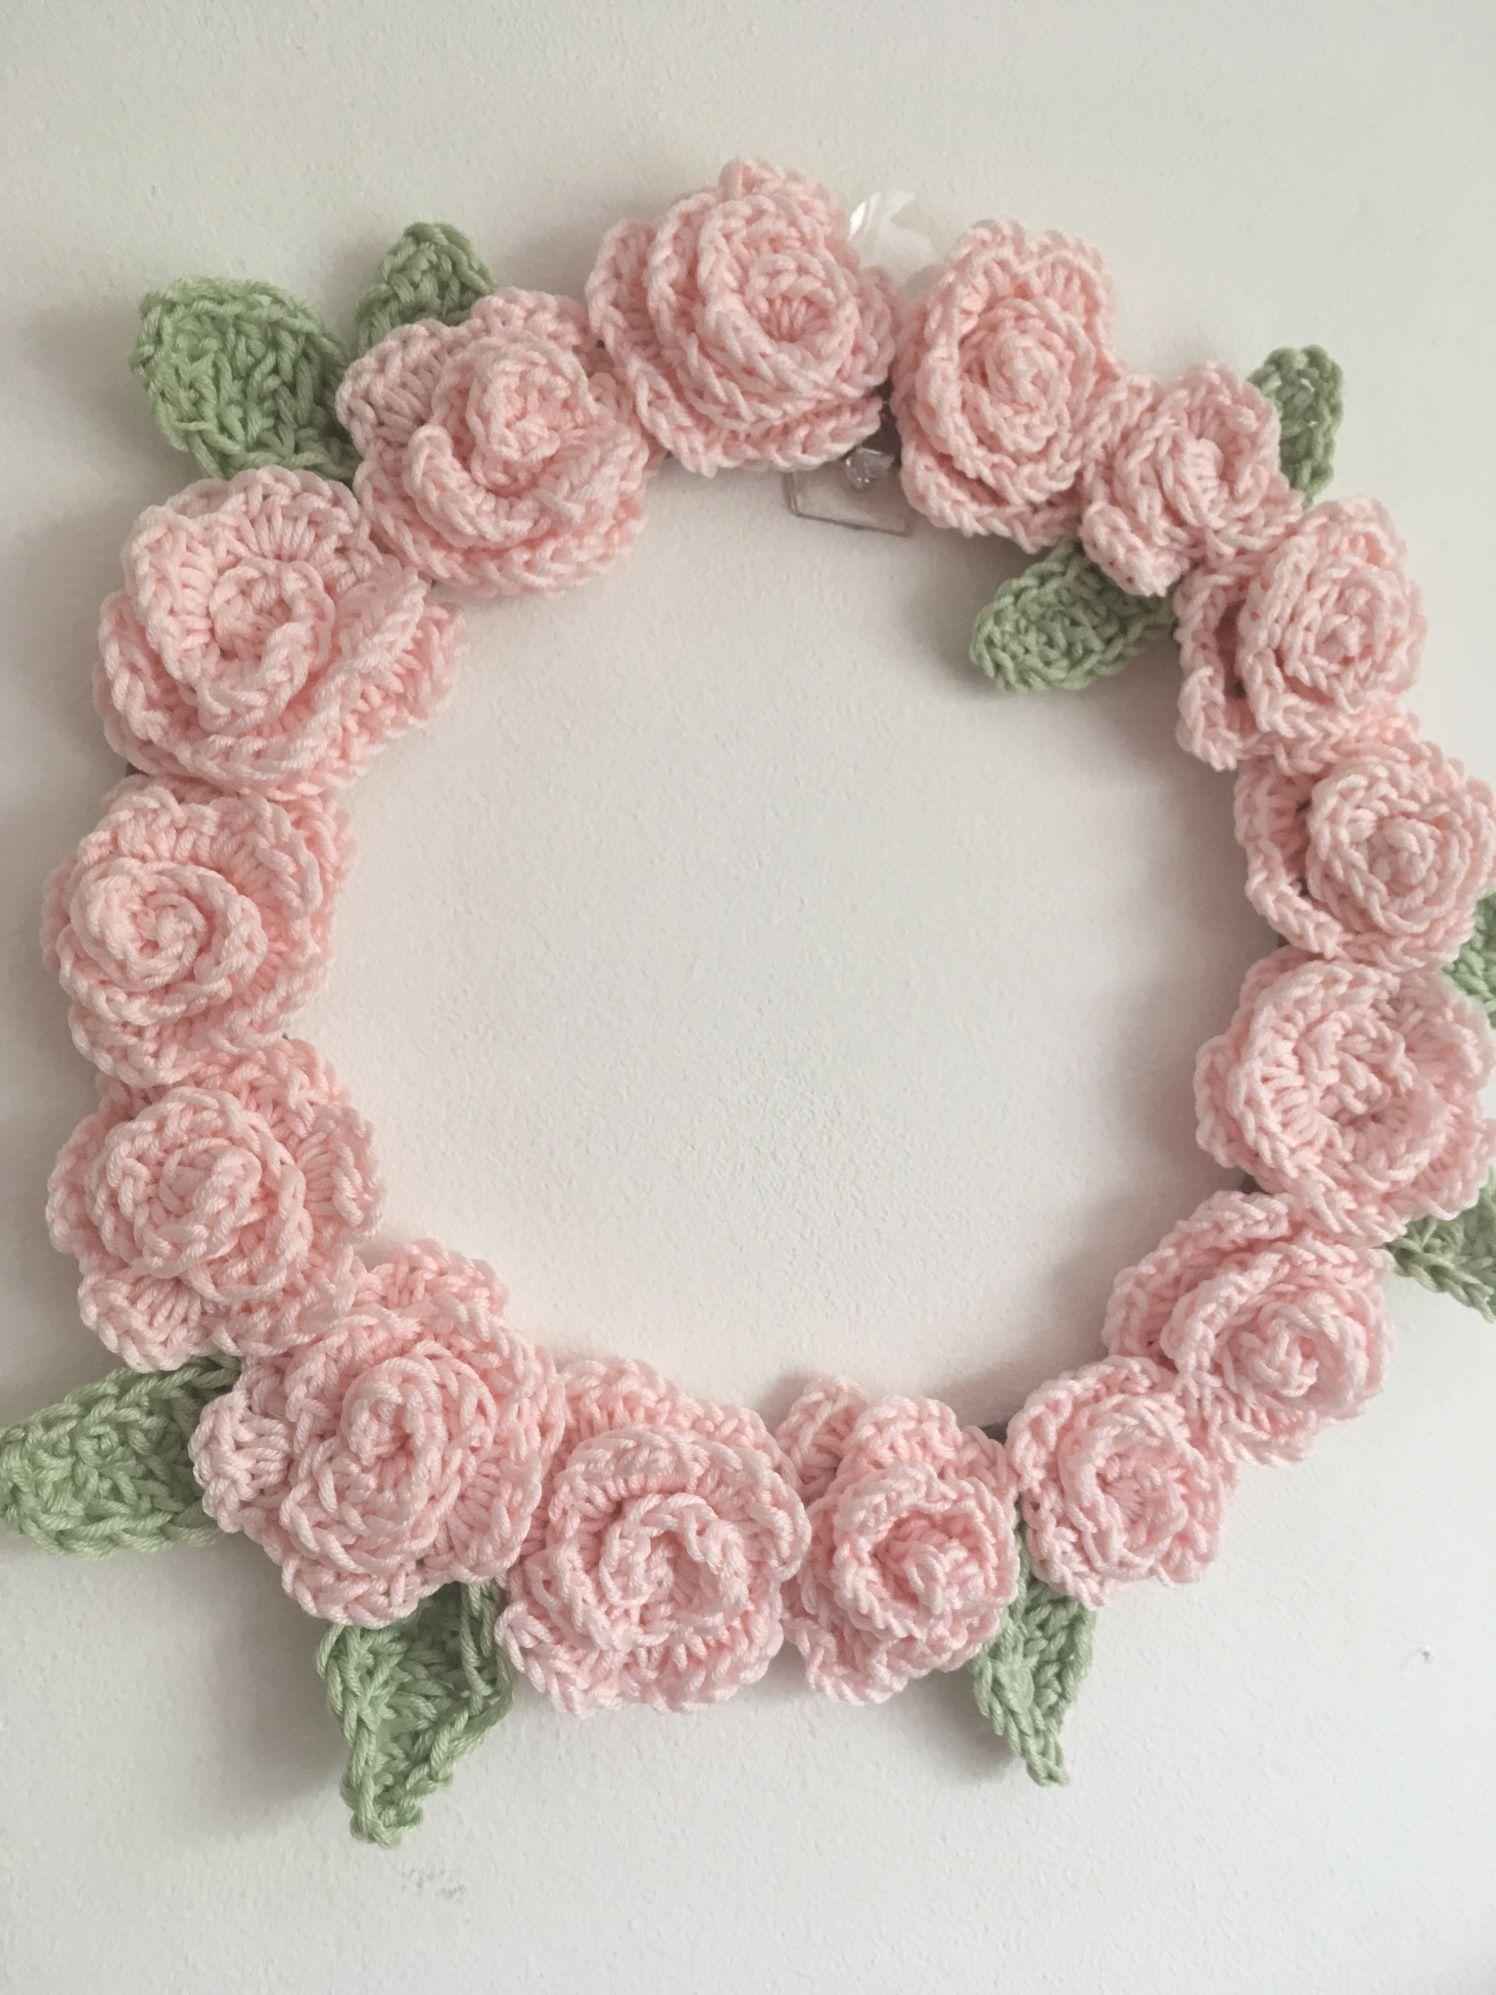 Crochet Wreath (free patterns) #crochetflowerpatterns